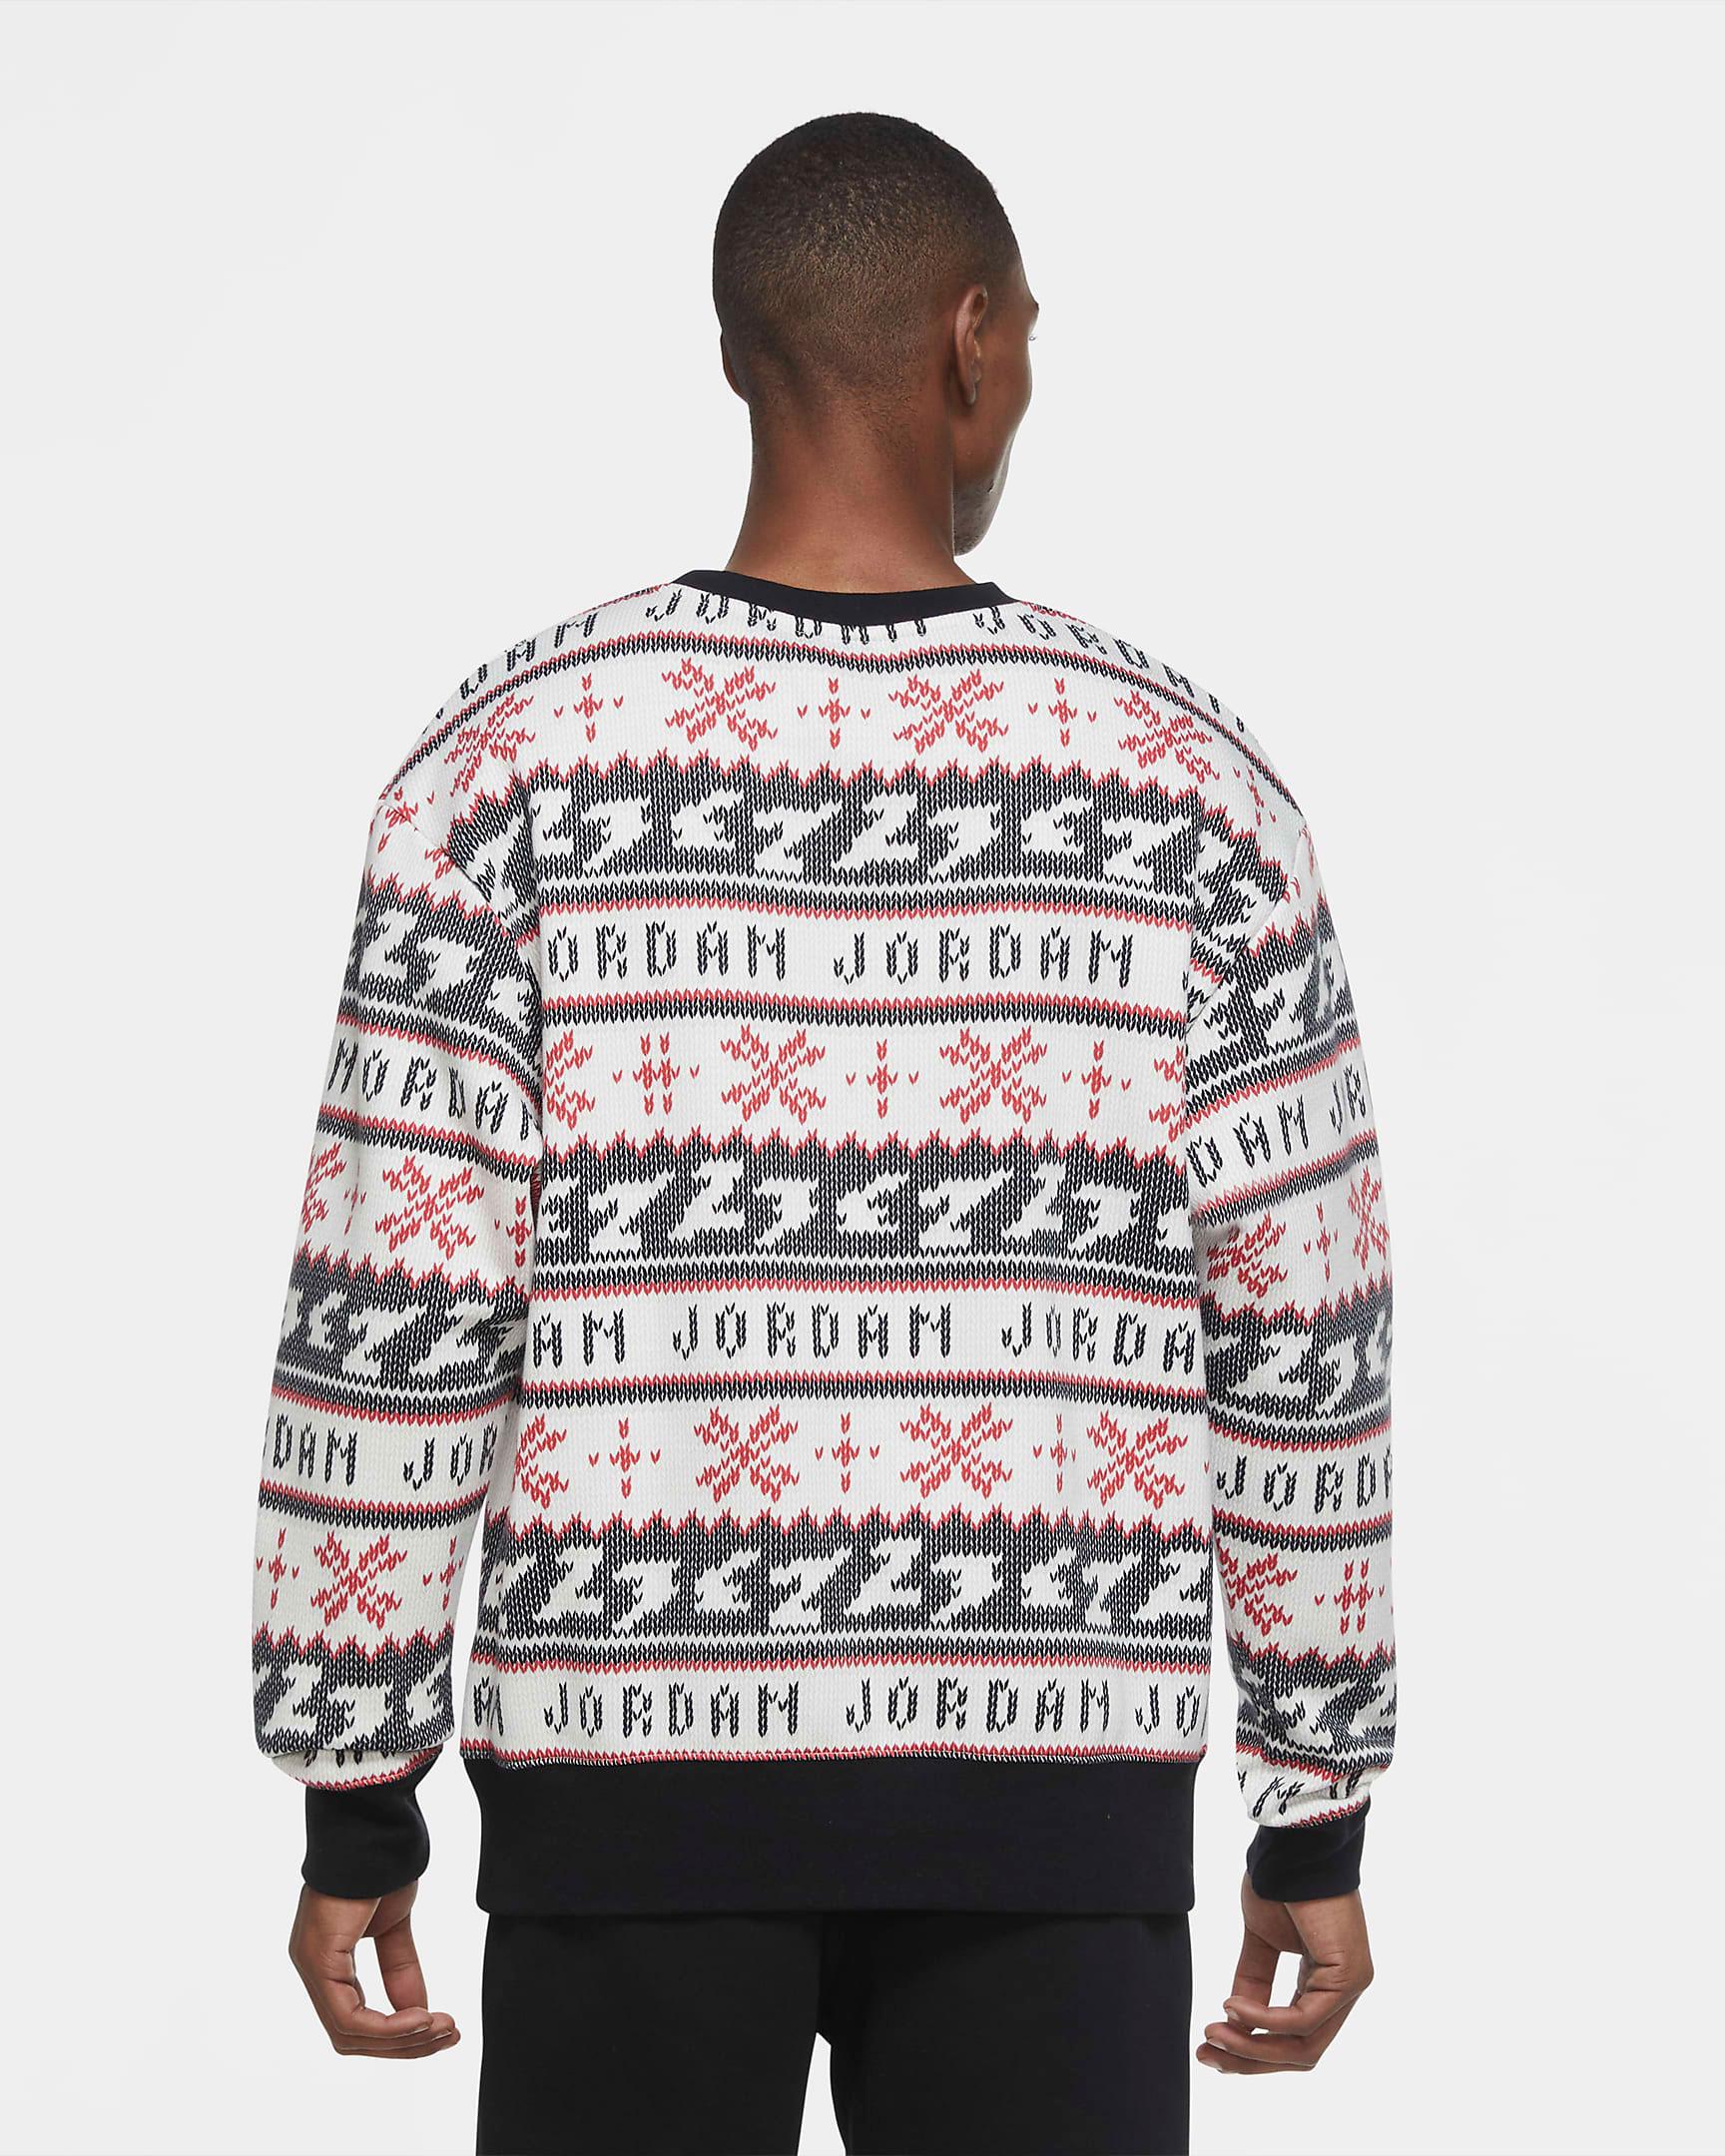 jordan-ugly-holiday-sweater-sweatshirt-2